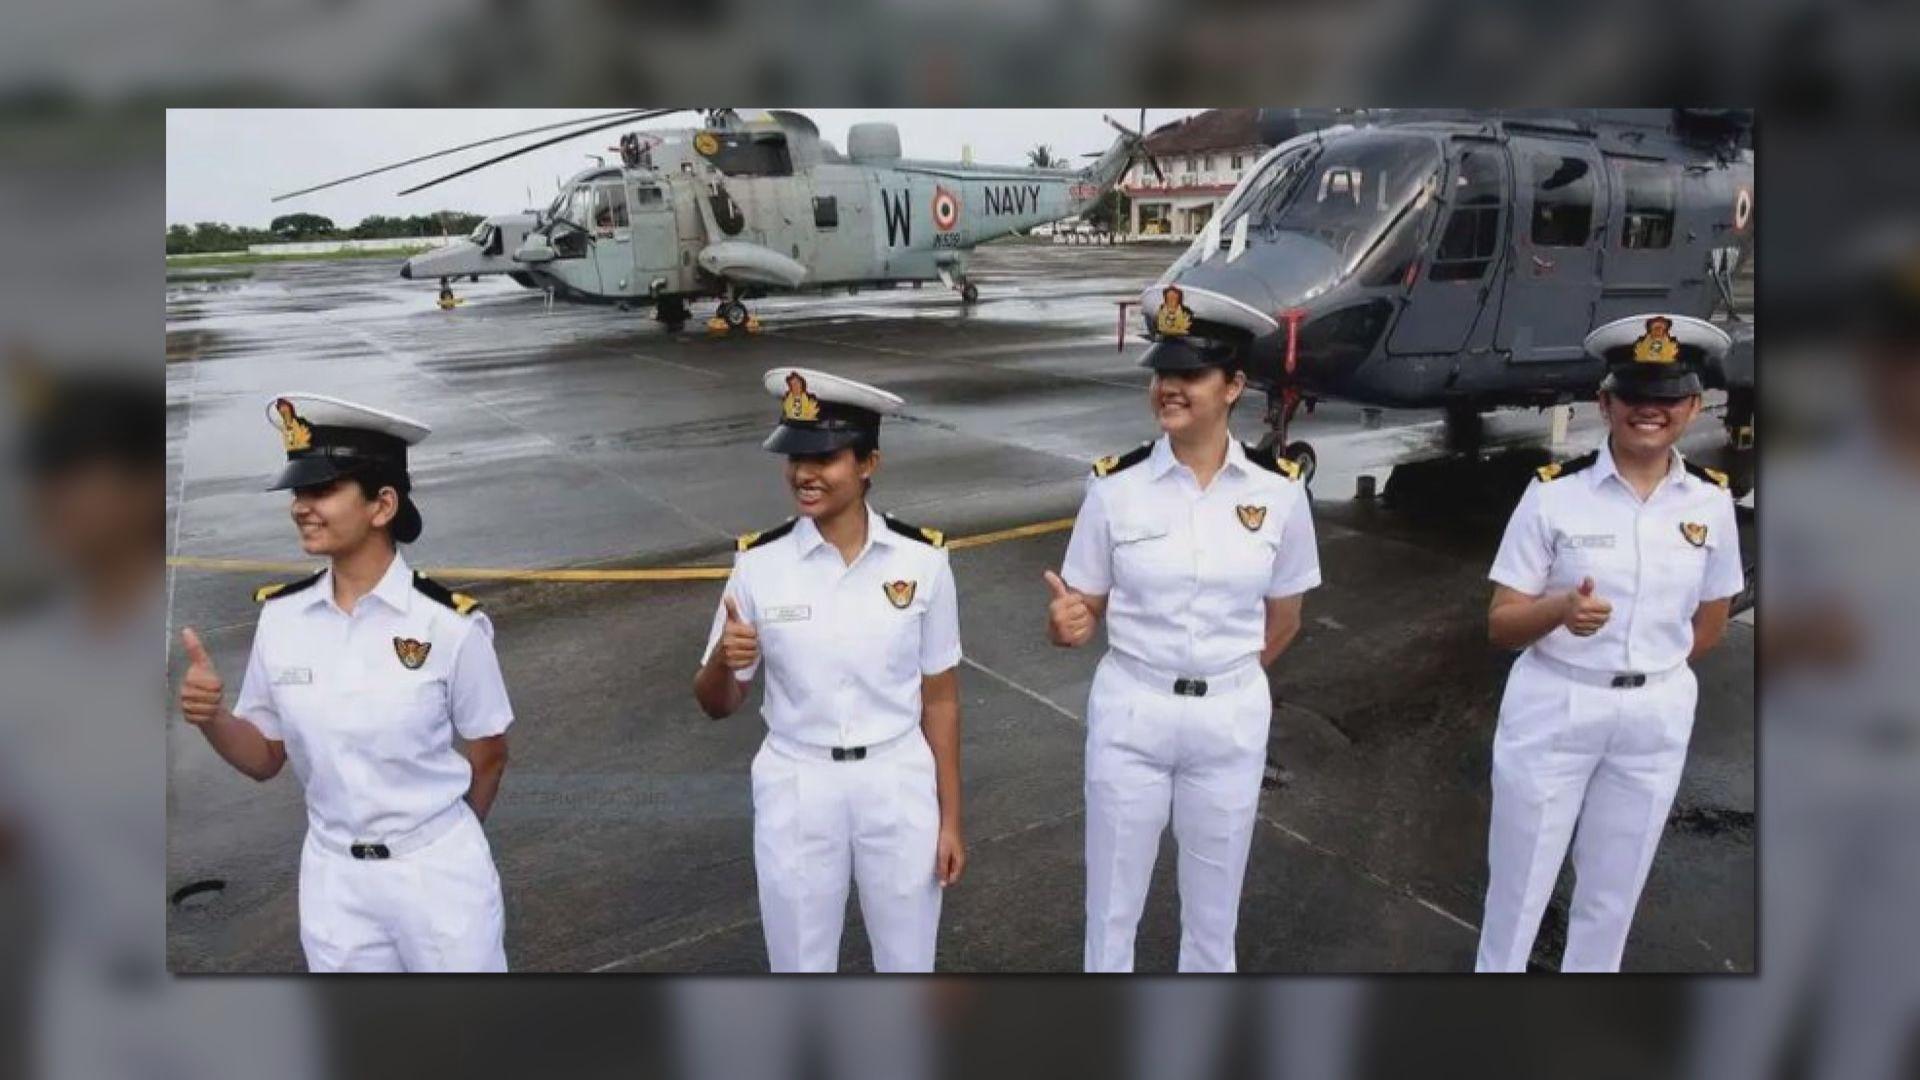 【環球薈報】印度海軍23年來首次派女軍官到軍艦服役